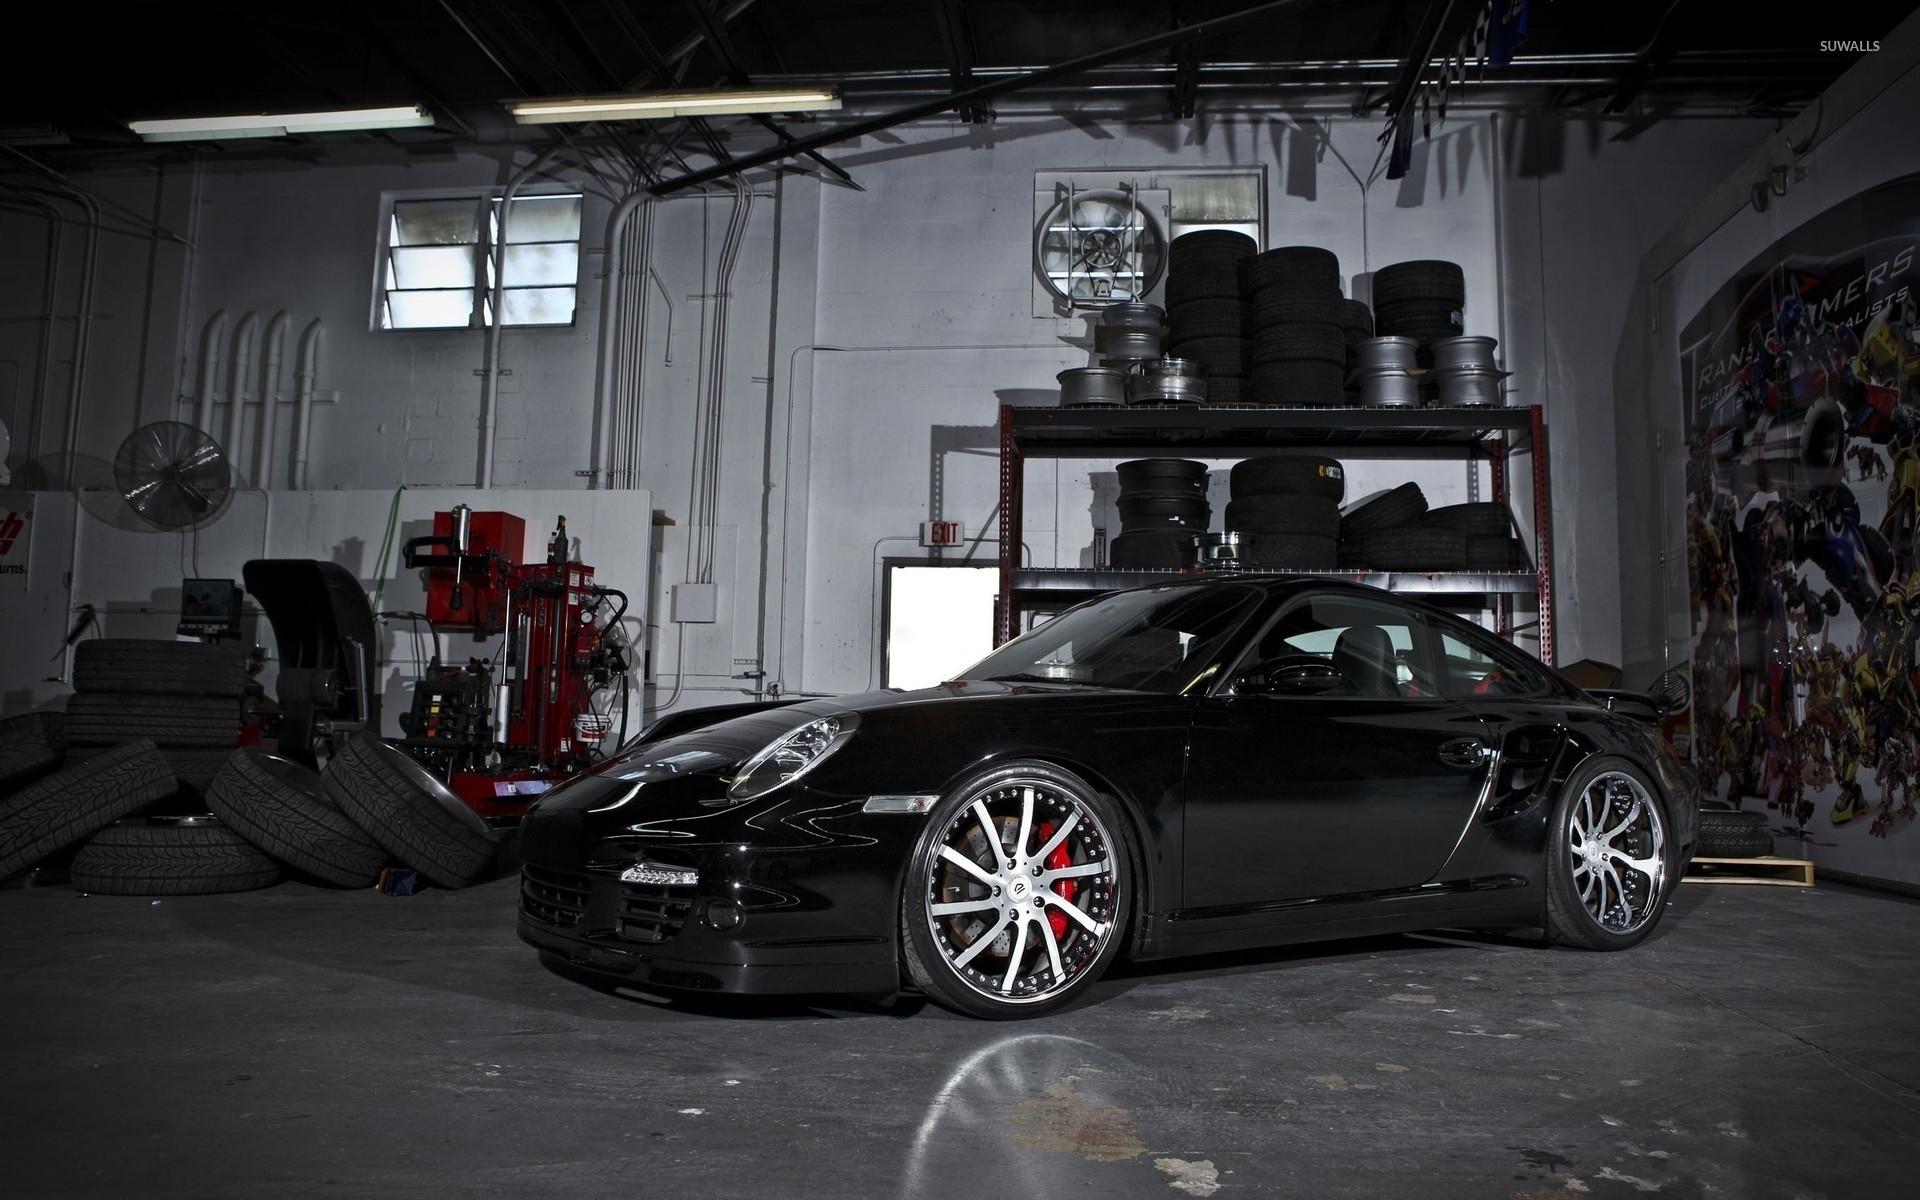 … garage wallpaper 1680×1050 60666; silver porsche 997 in the parking lot  wallpaper car wallpapers; wallpaper gas monkey …